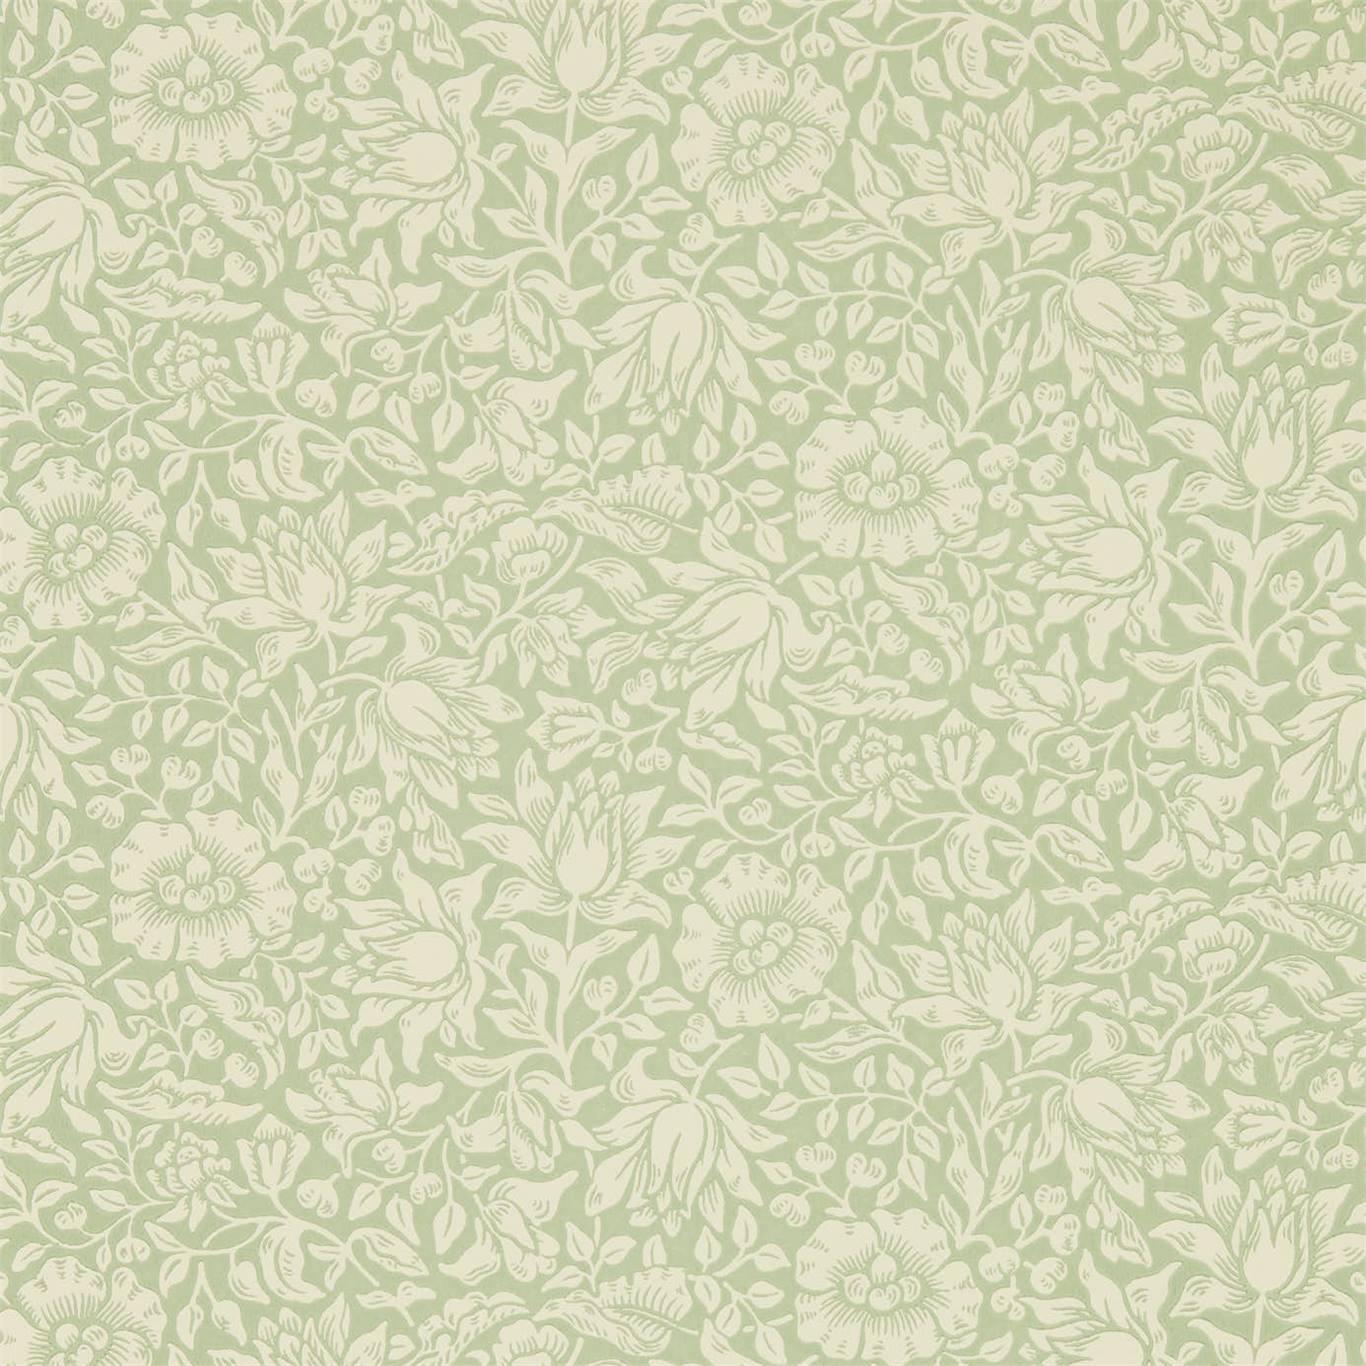 Mallow wallpaper by Morris & Co.